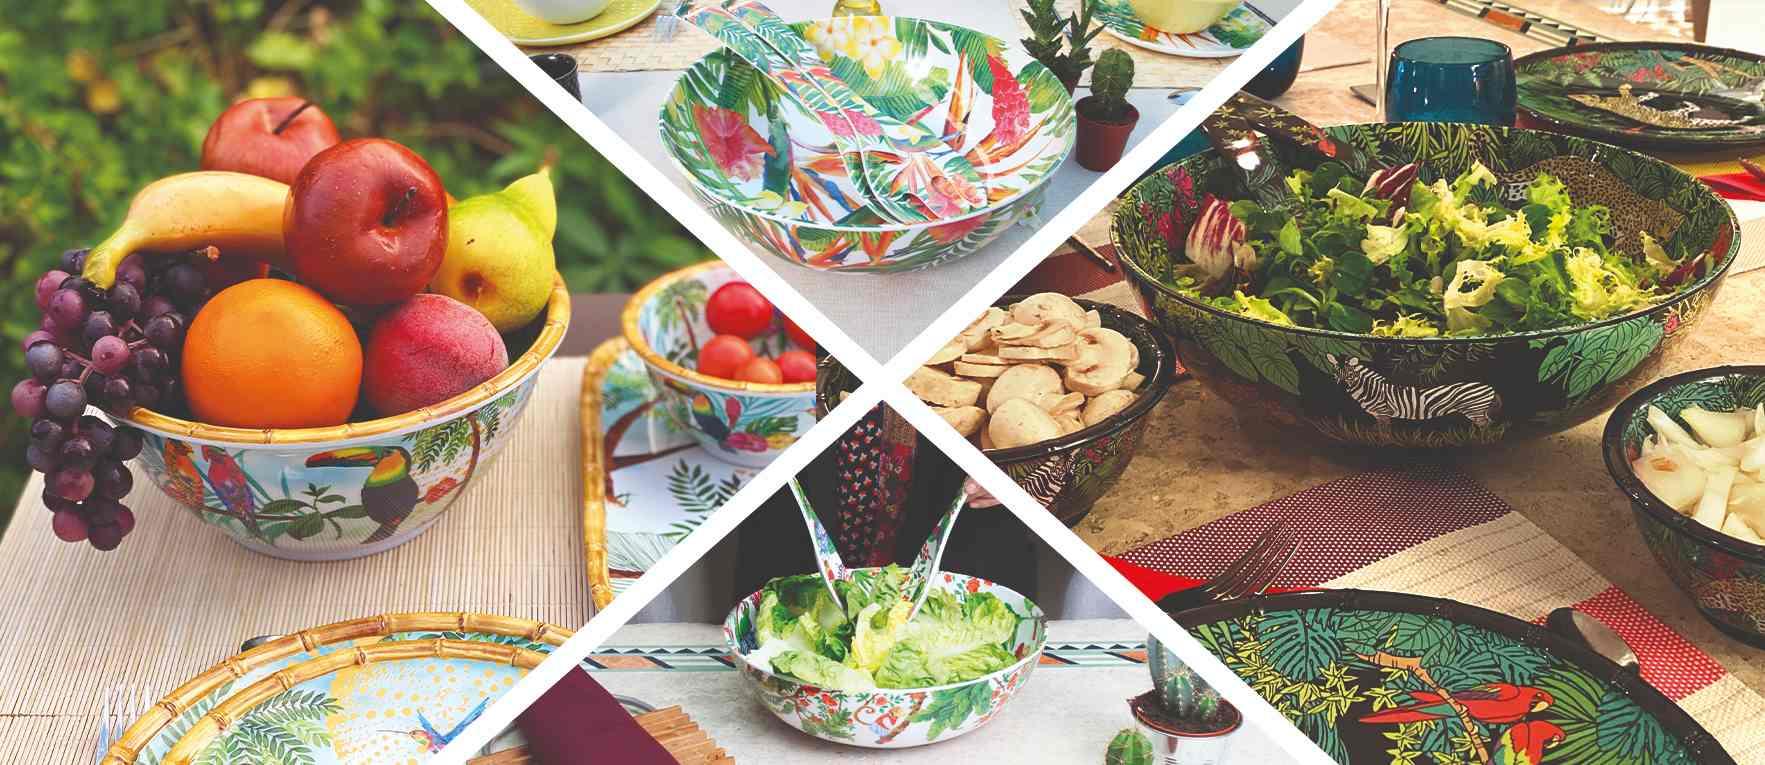 ensaladeras y de cubiertos de ensalada de melamina pura